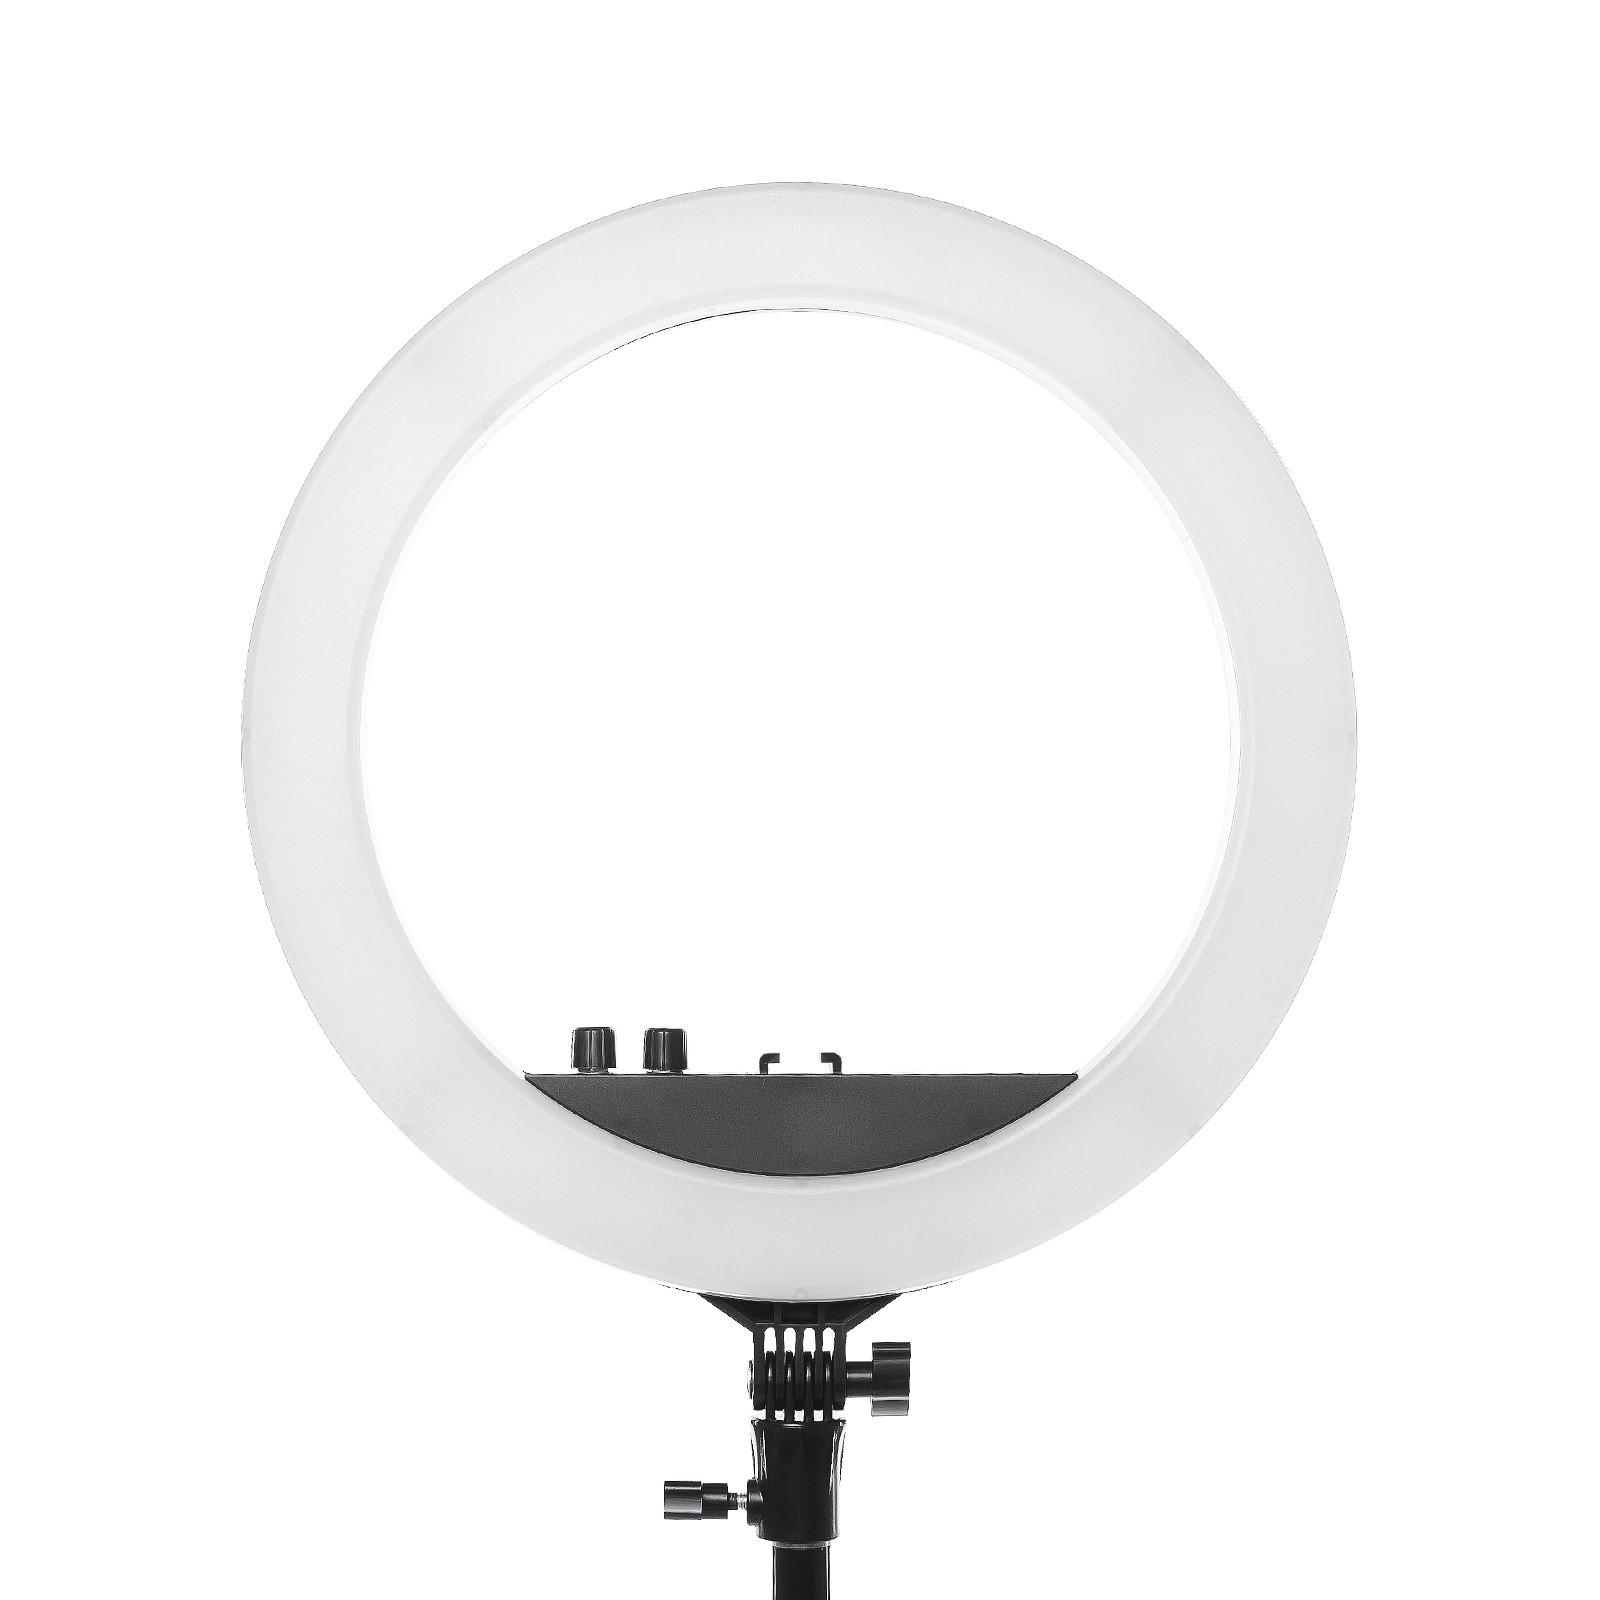 Набор света для фото-видео контента Mircopro RL-12IIK6 6 предметов